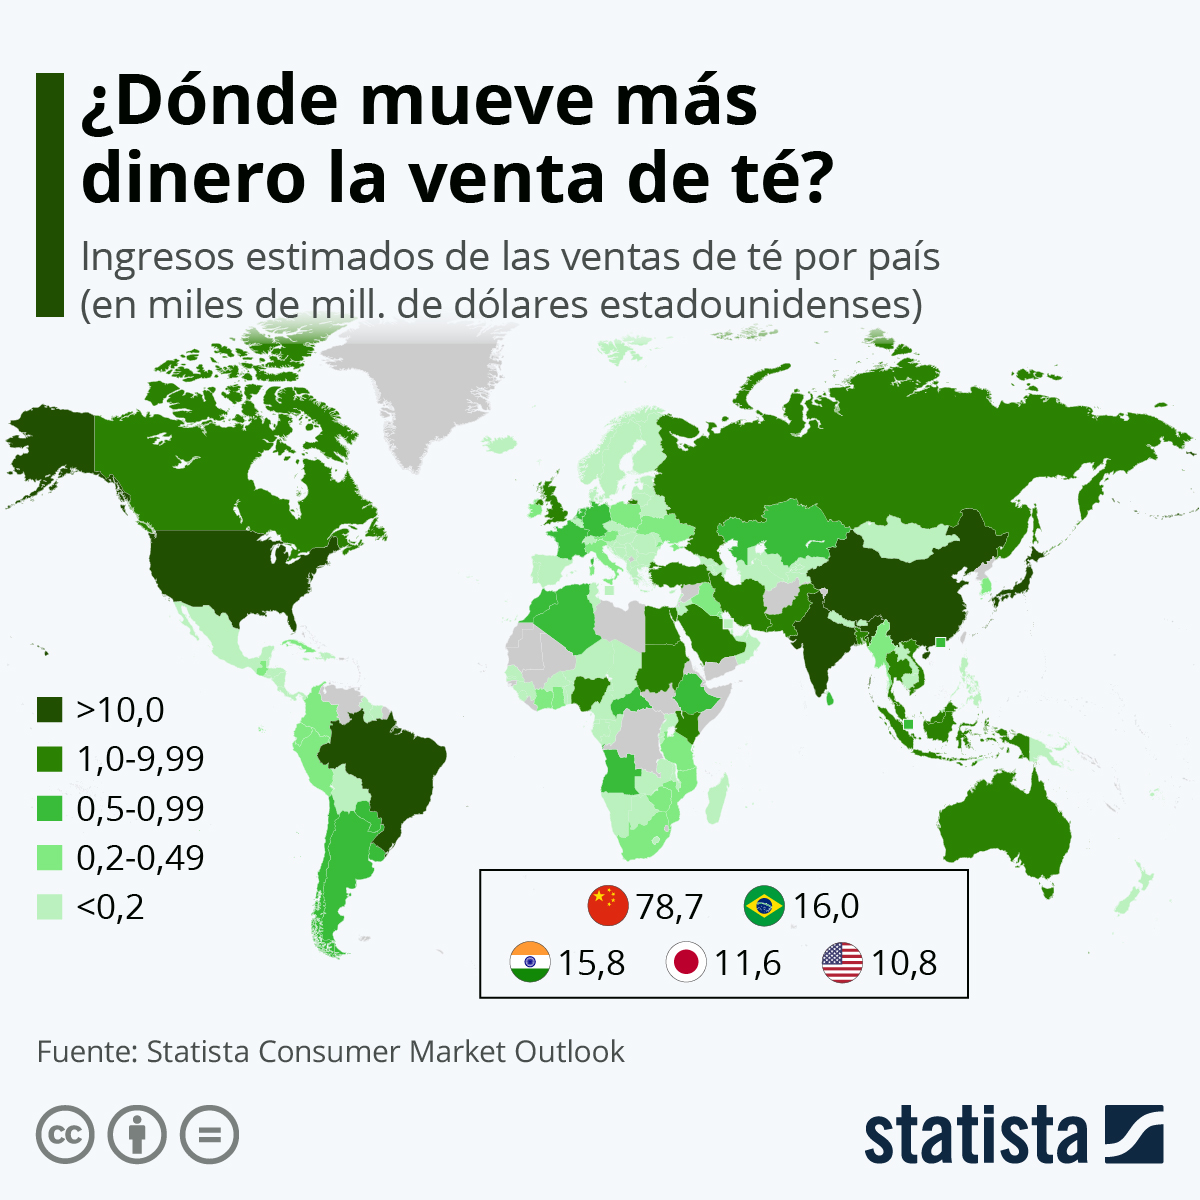 Infografía: ¿Dónde mueve más dinero la venta de té? | Statista